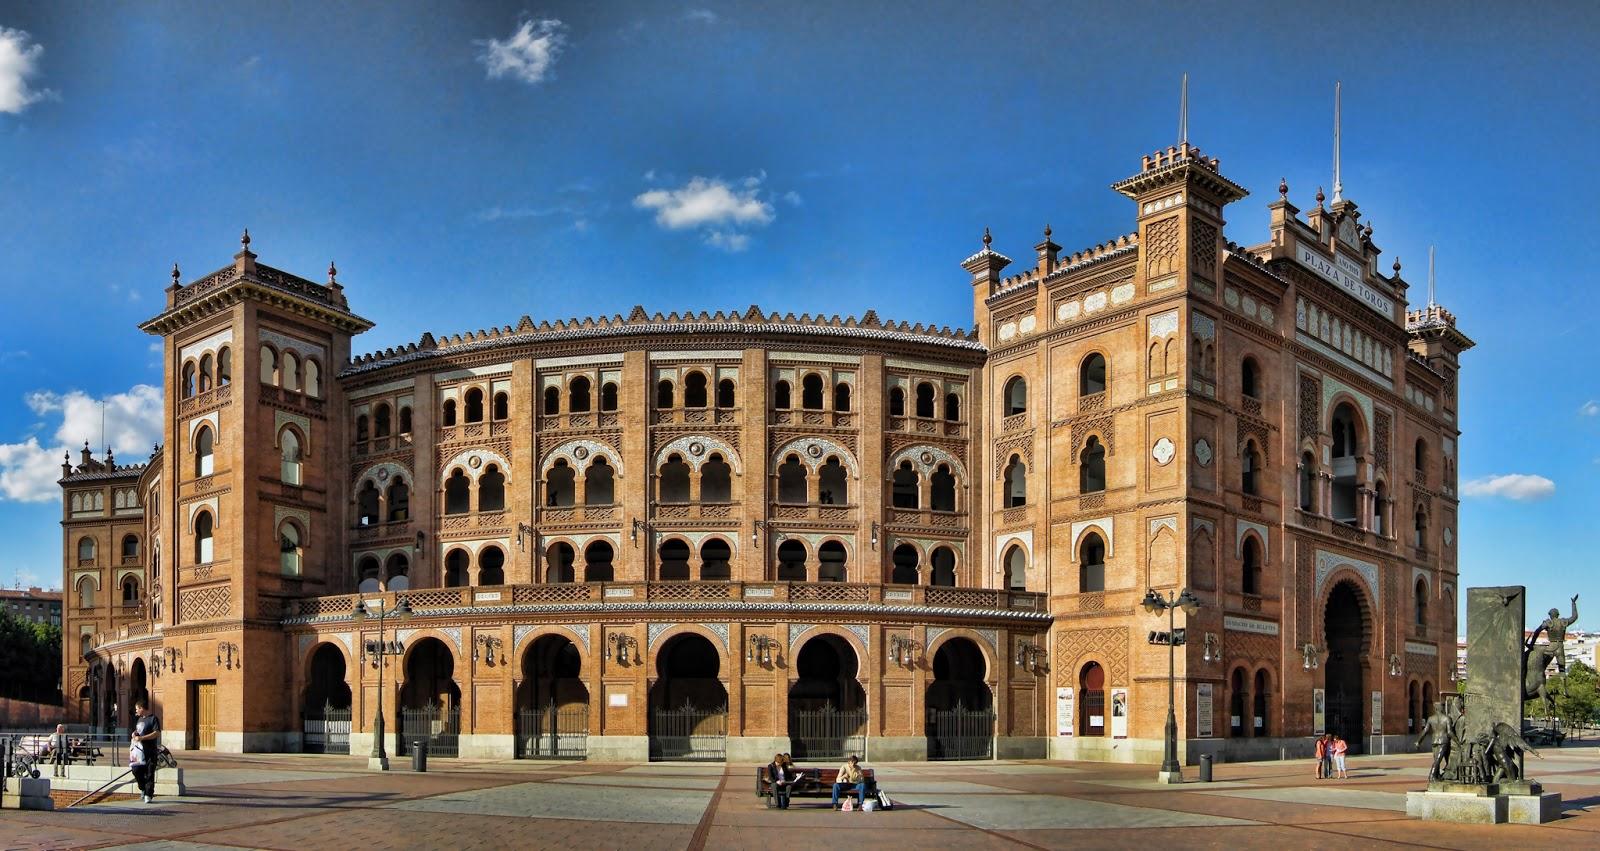 Los ladrillos de quito arquitectura historicista en quito Romanticismo arquitectura